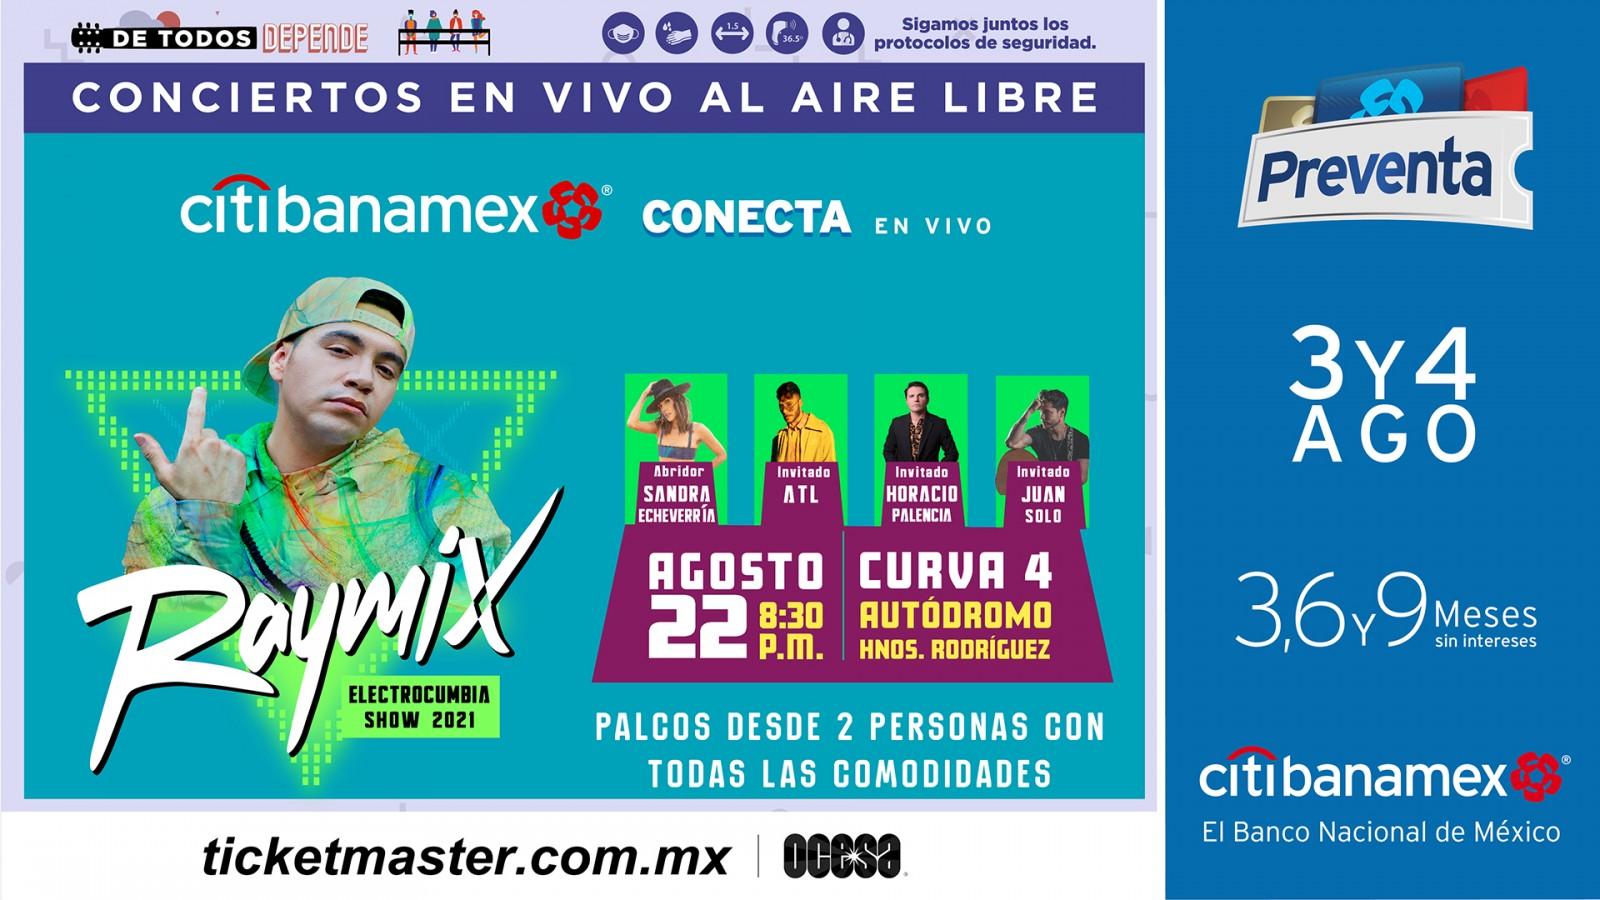 Raymix